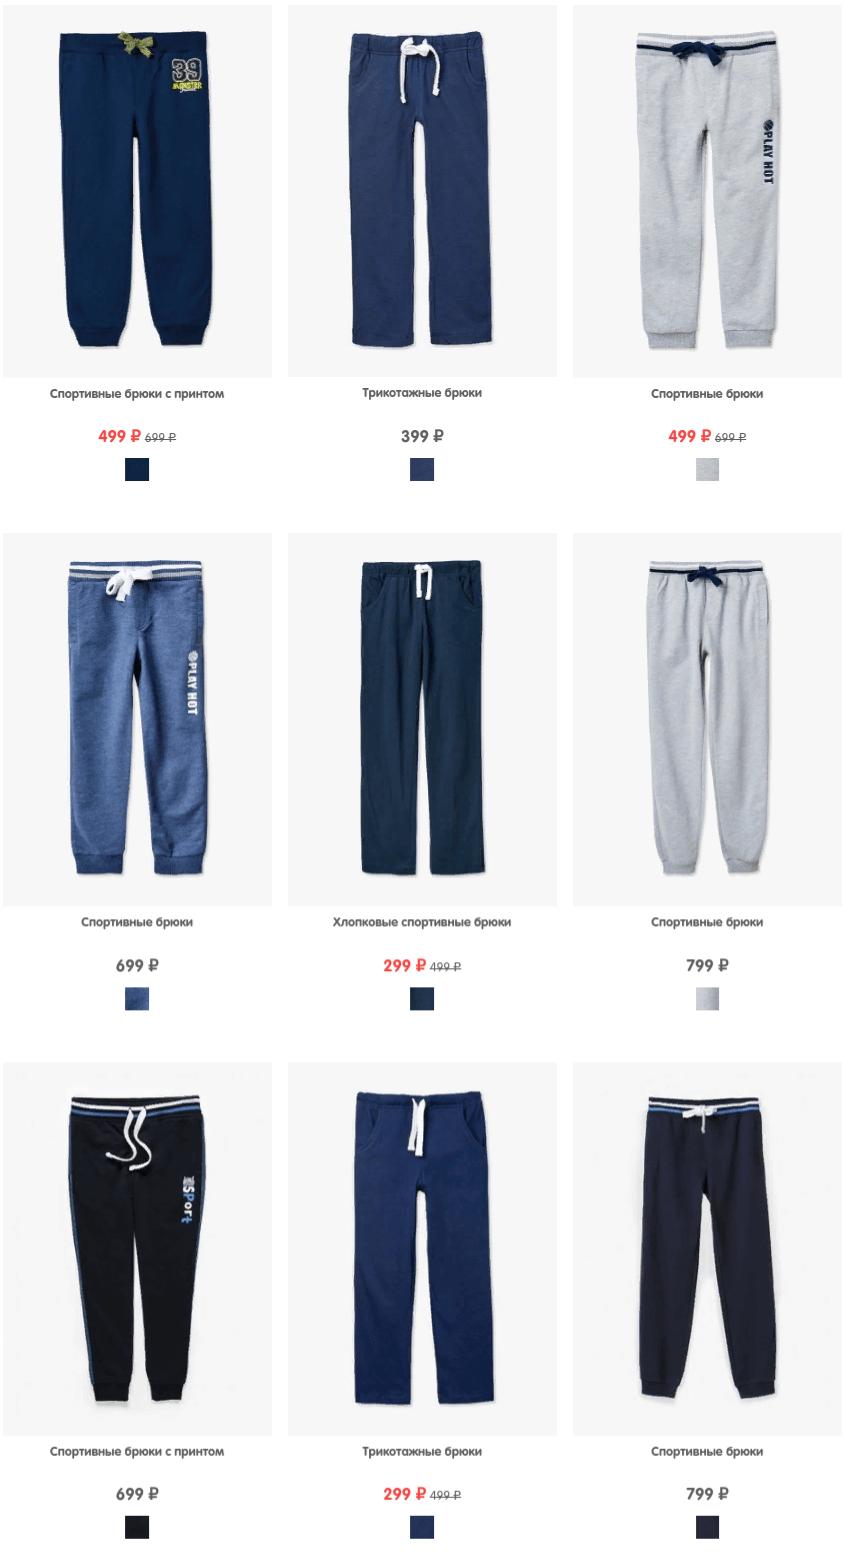 Купить Брюки для мальчиков в интернет-магазине одежды Фандейшоп2